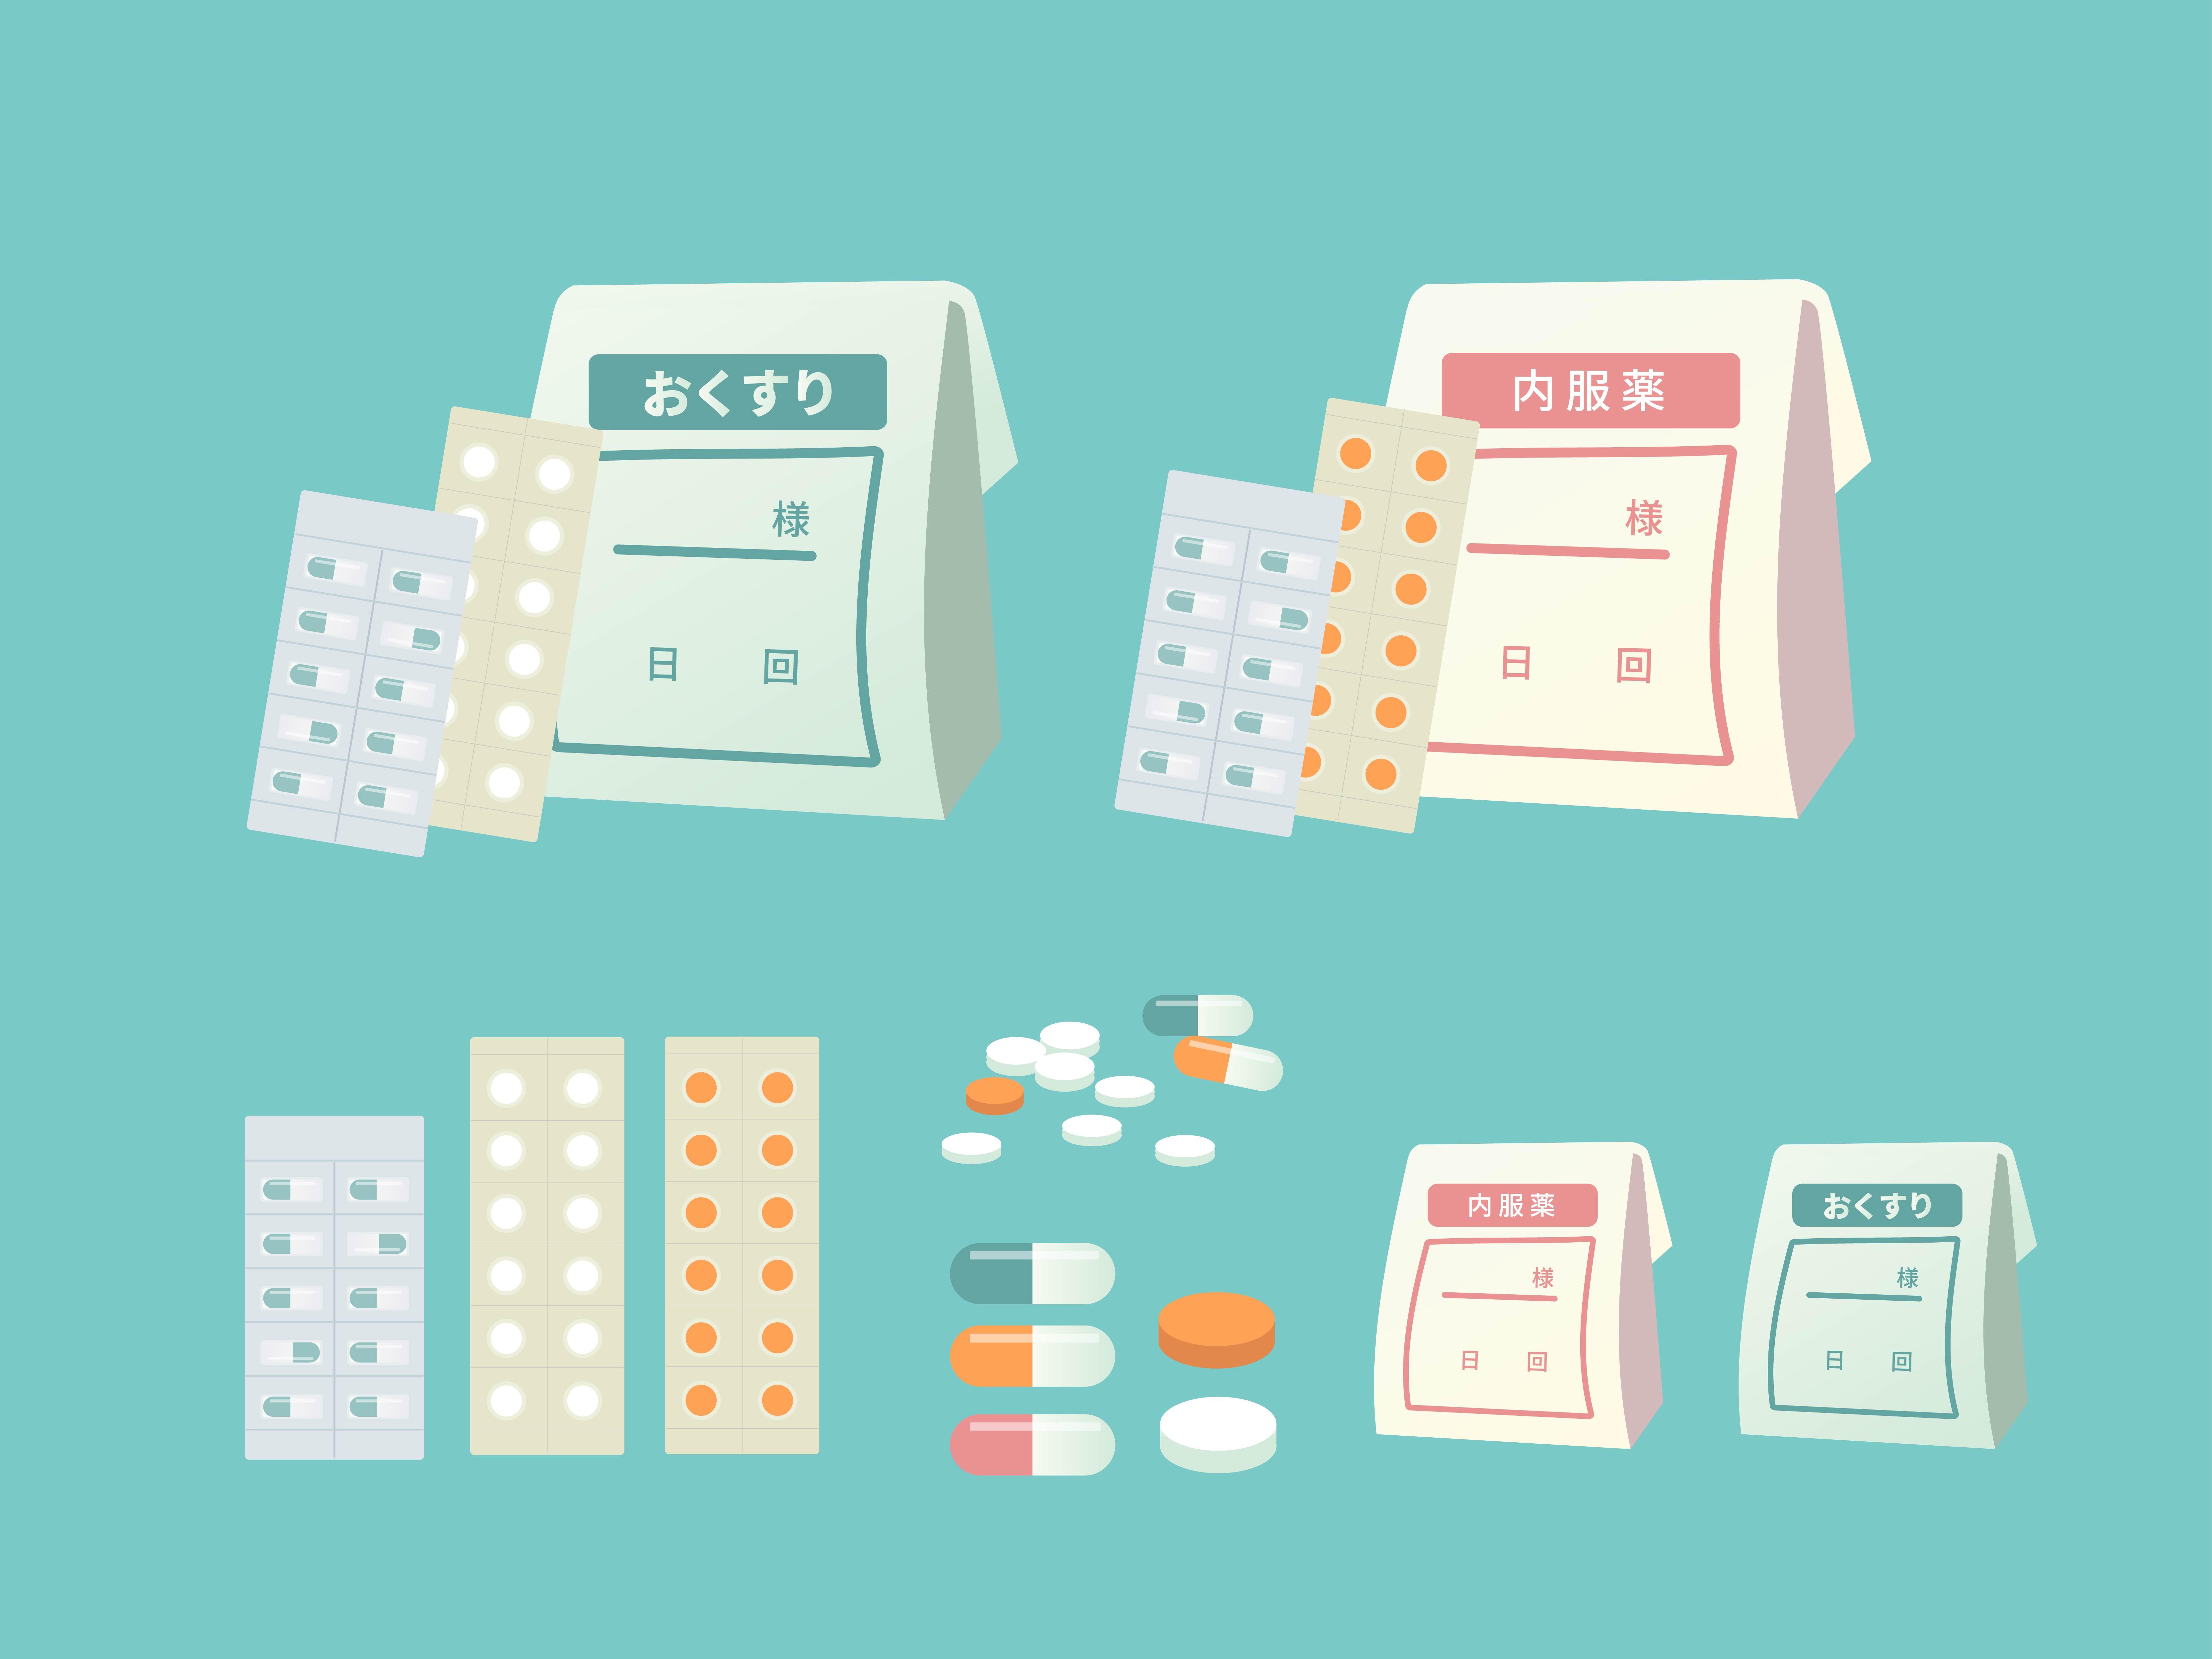 服薬情報を一元管理できる電子お薬手帳サービス「harmo」